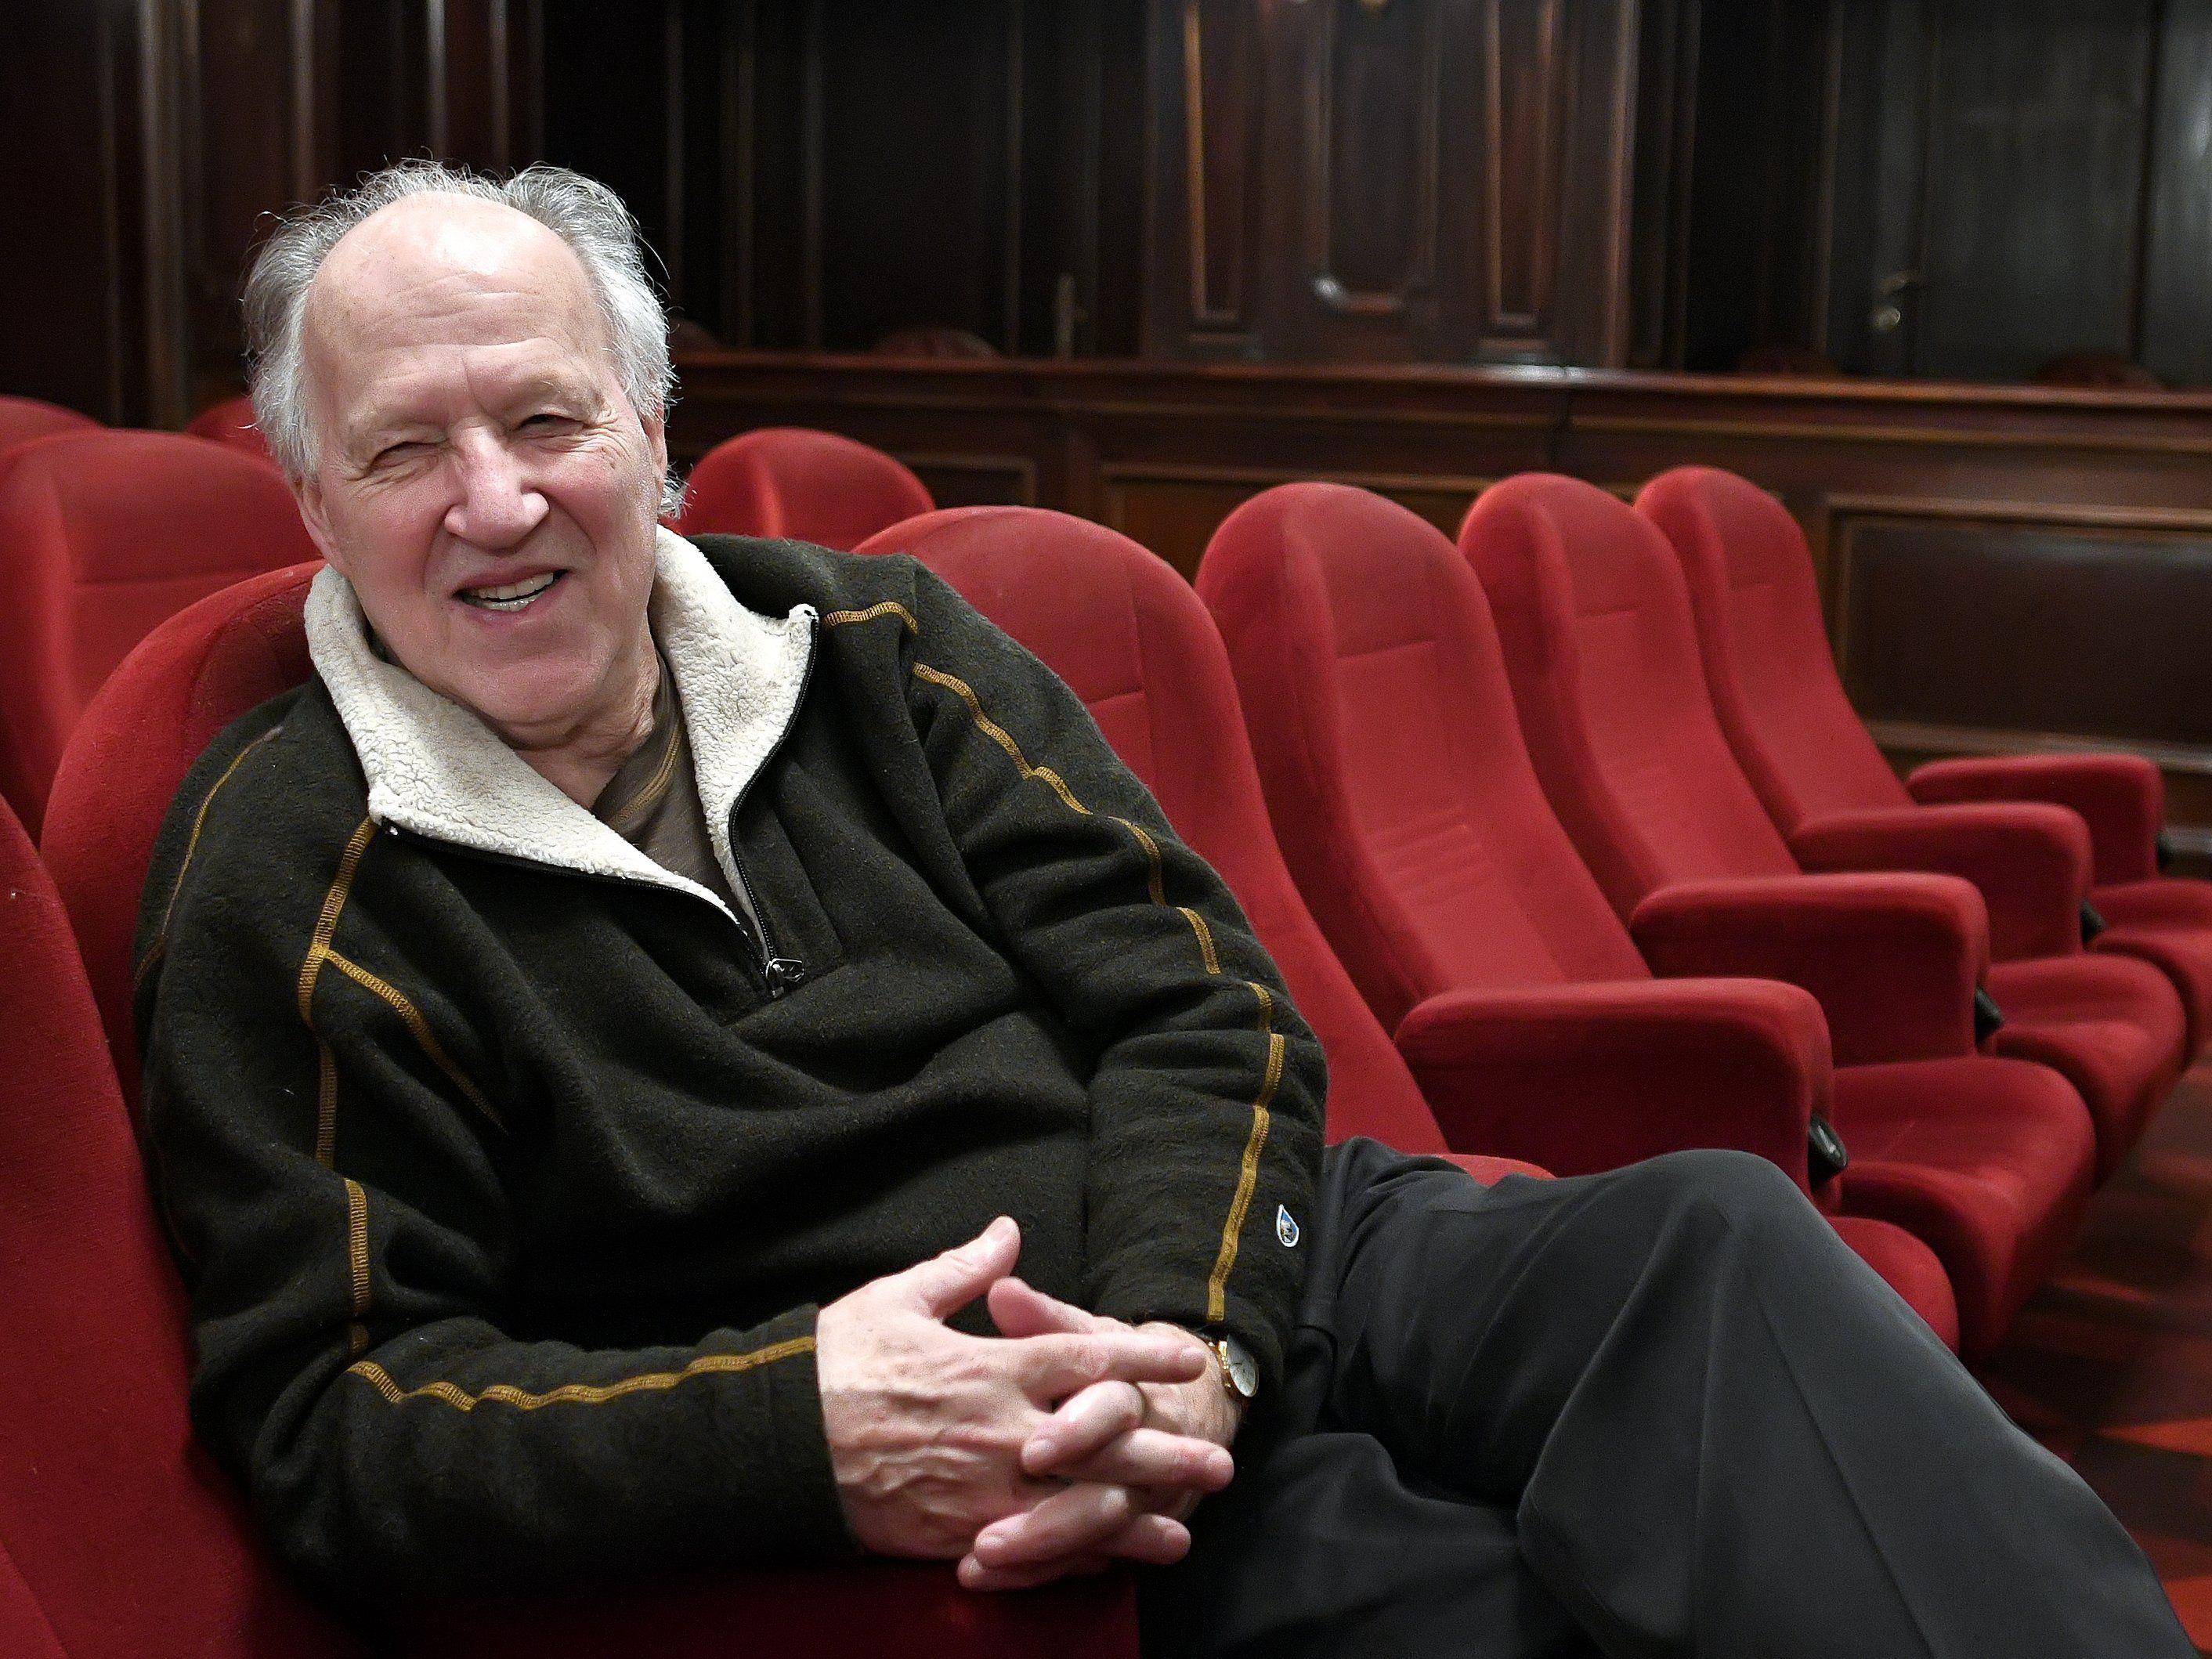 Regisseur zu Gast und im Interview im Wiener Metro Kino